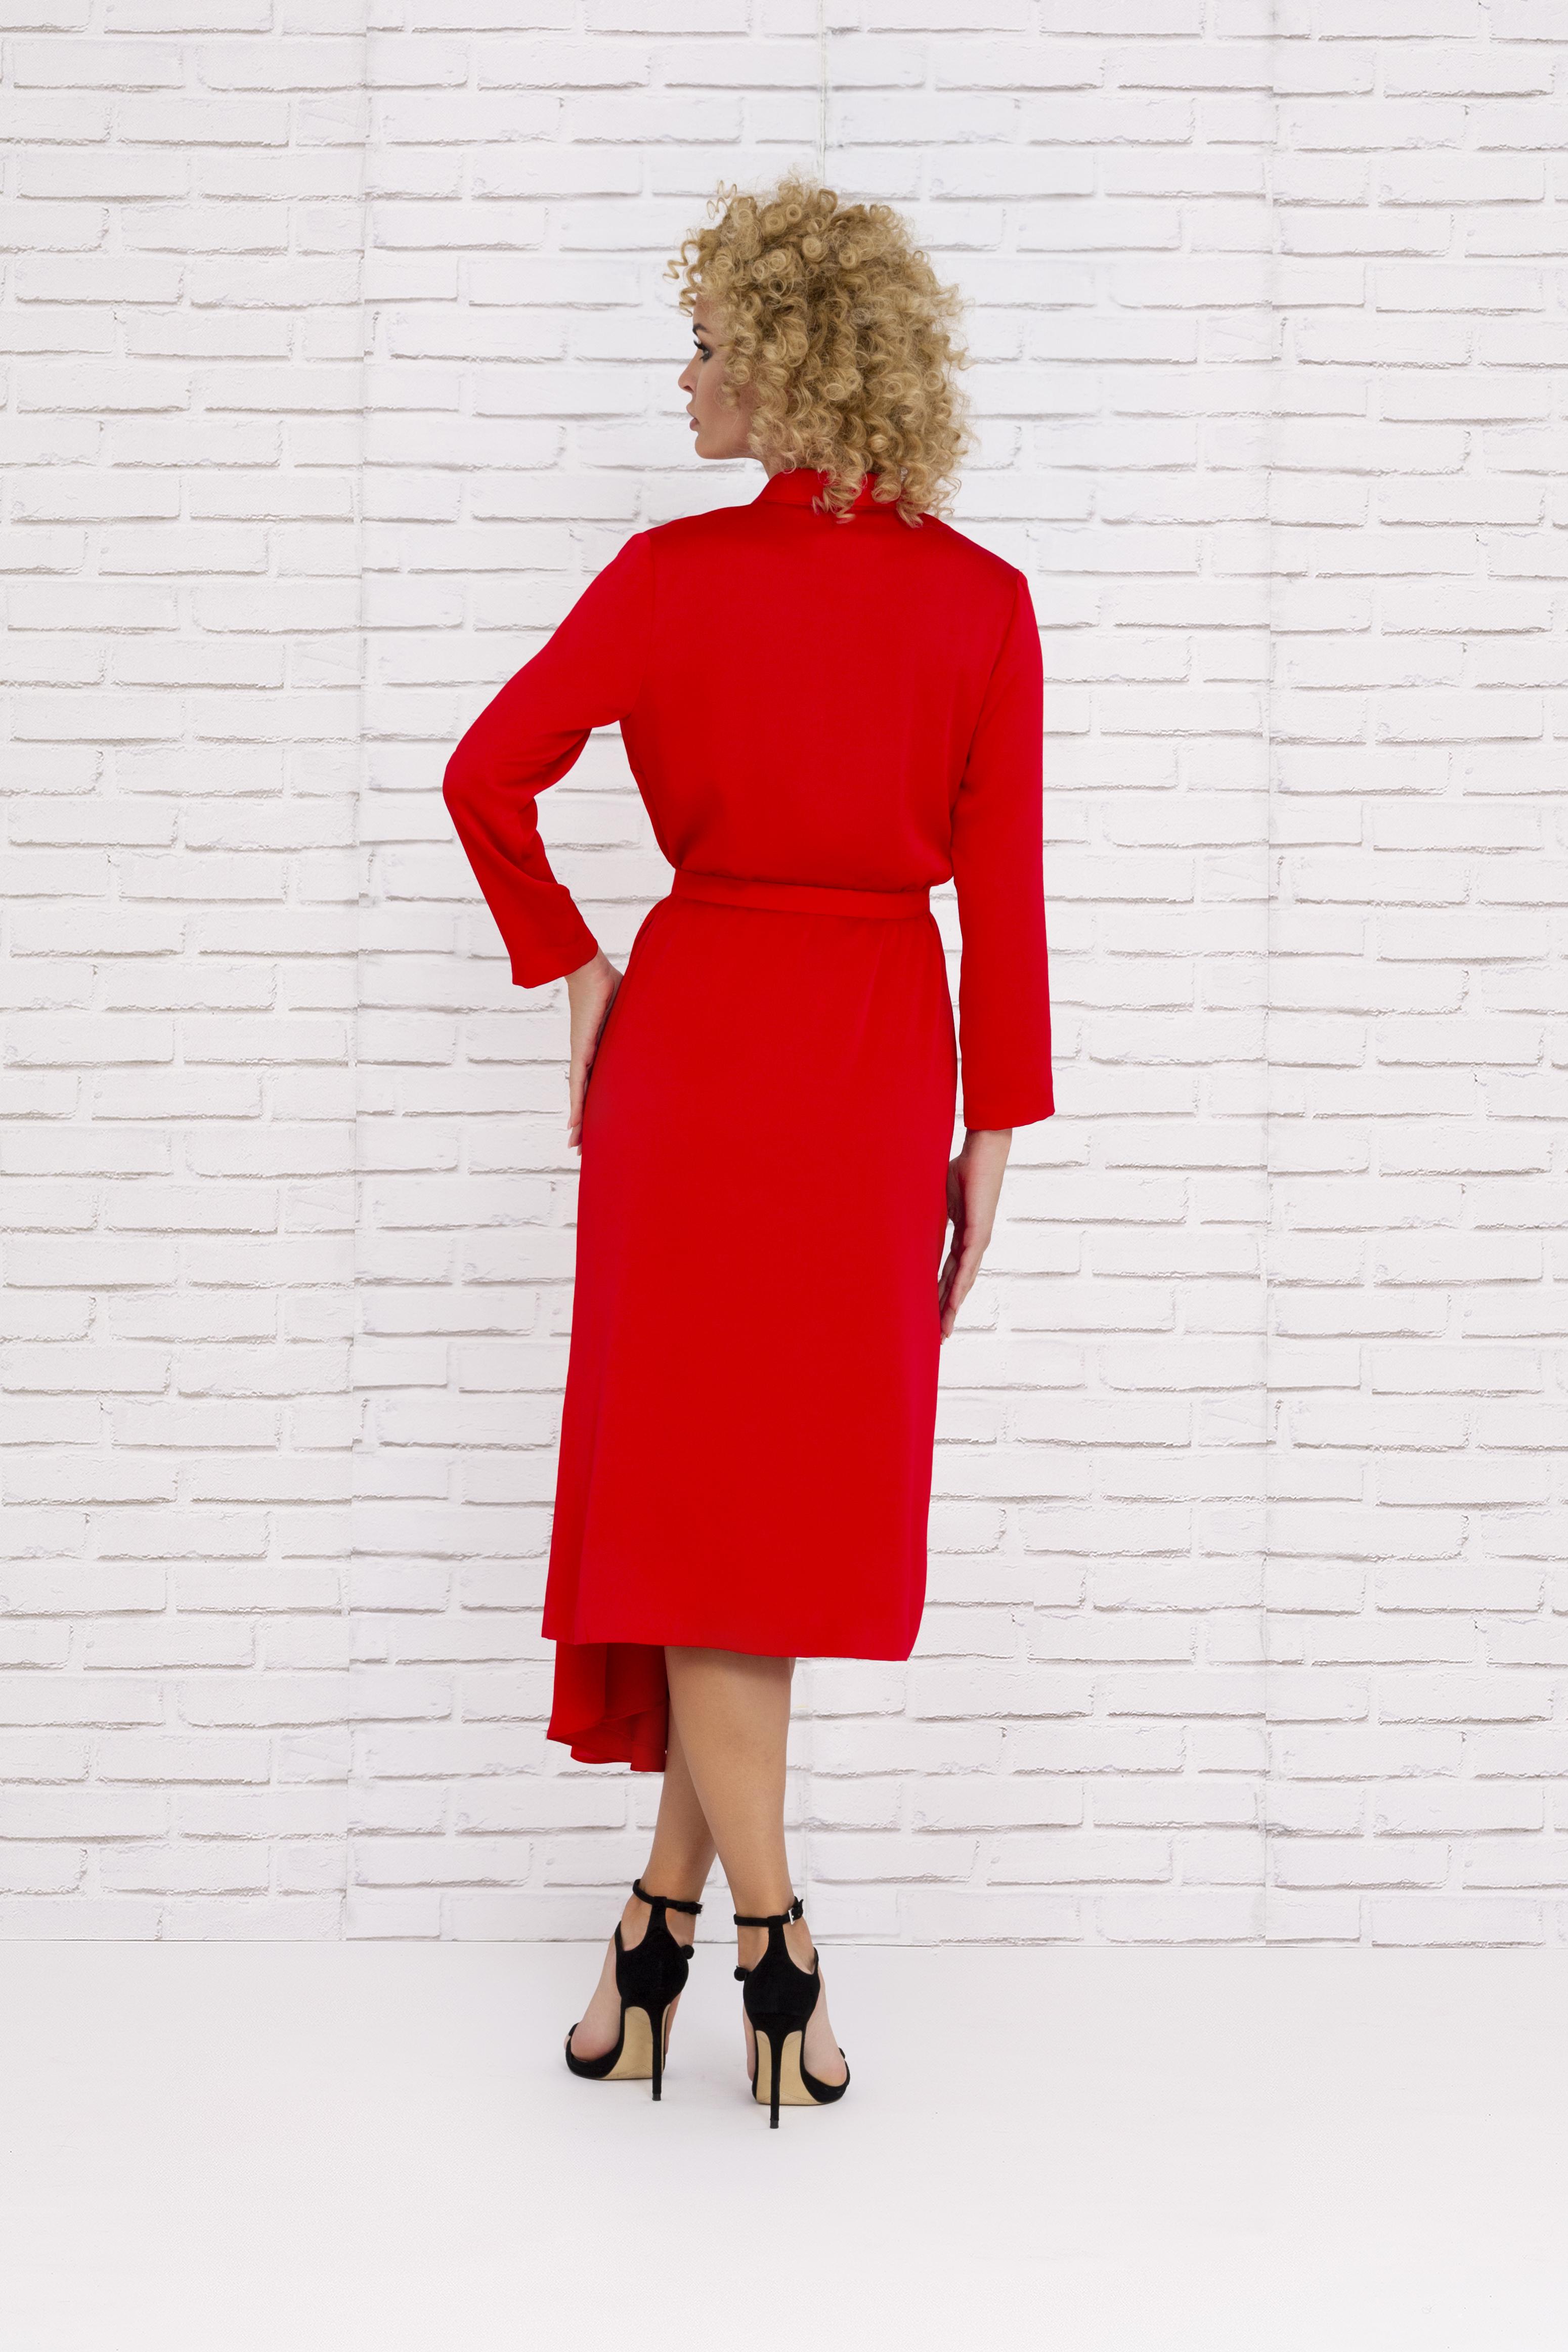 Vestido rojo de fiesta con corte asimétrico y mangas 2020